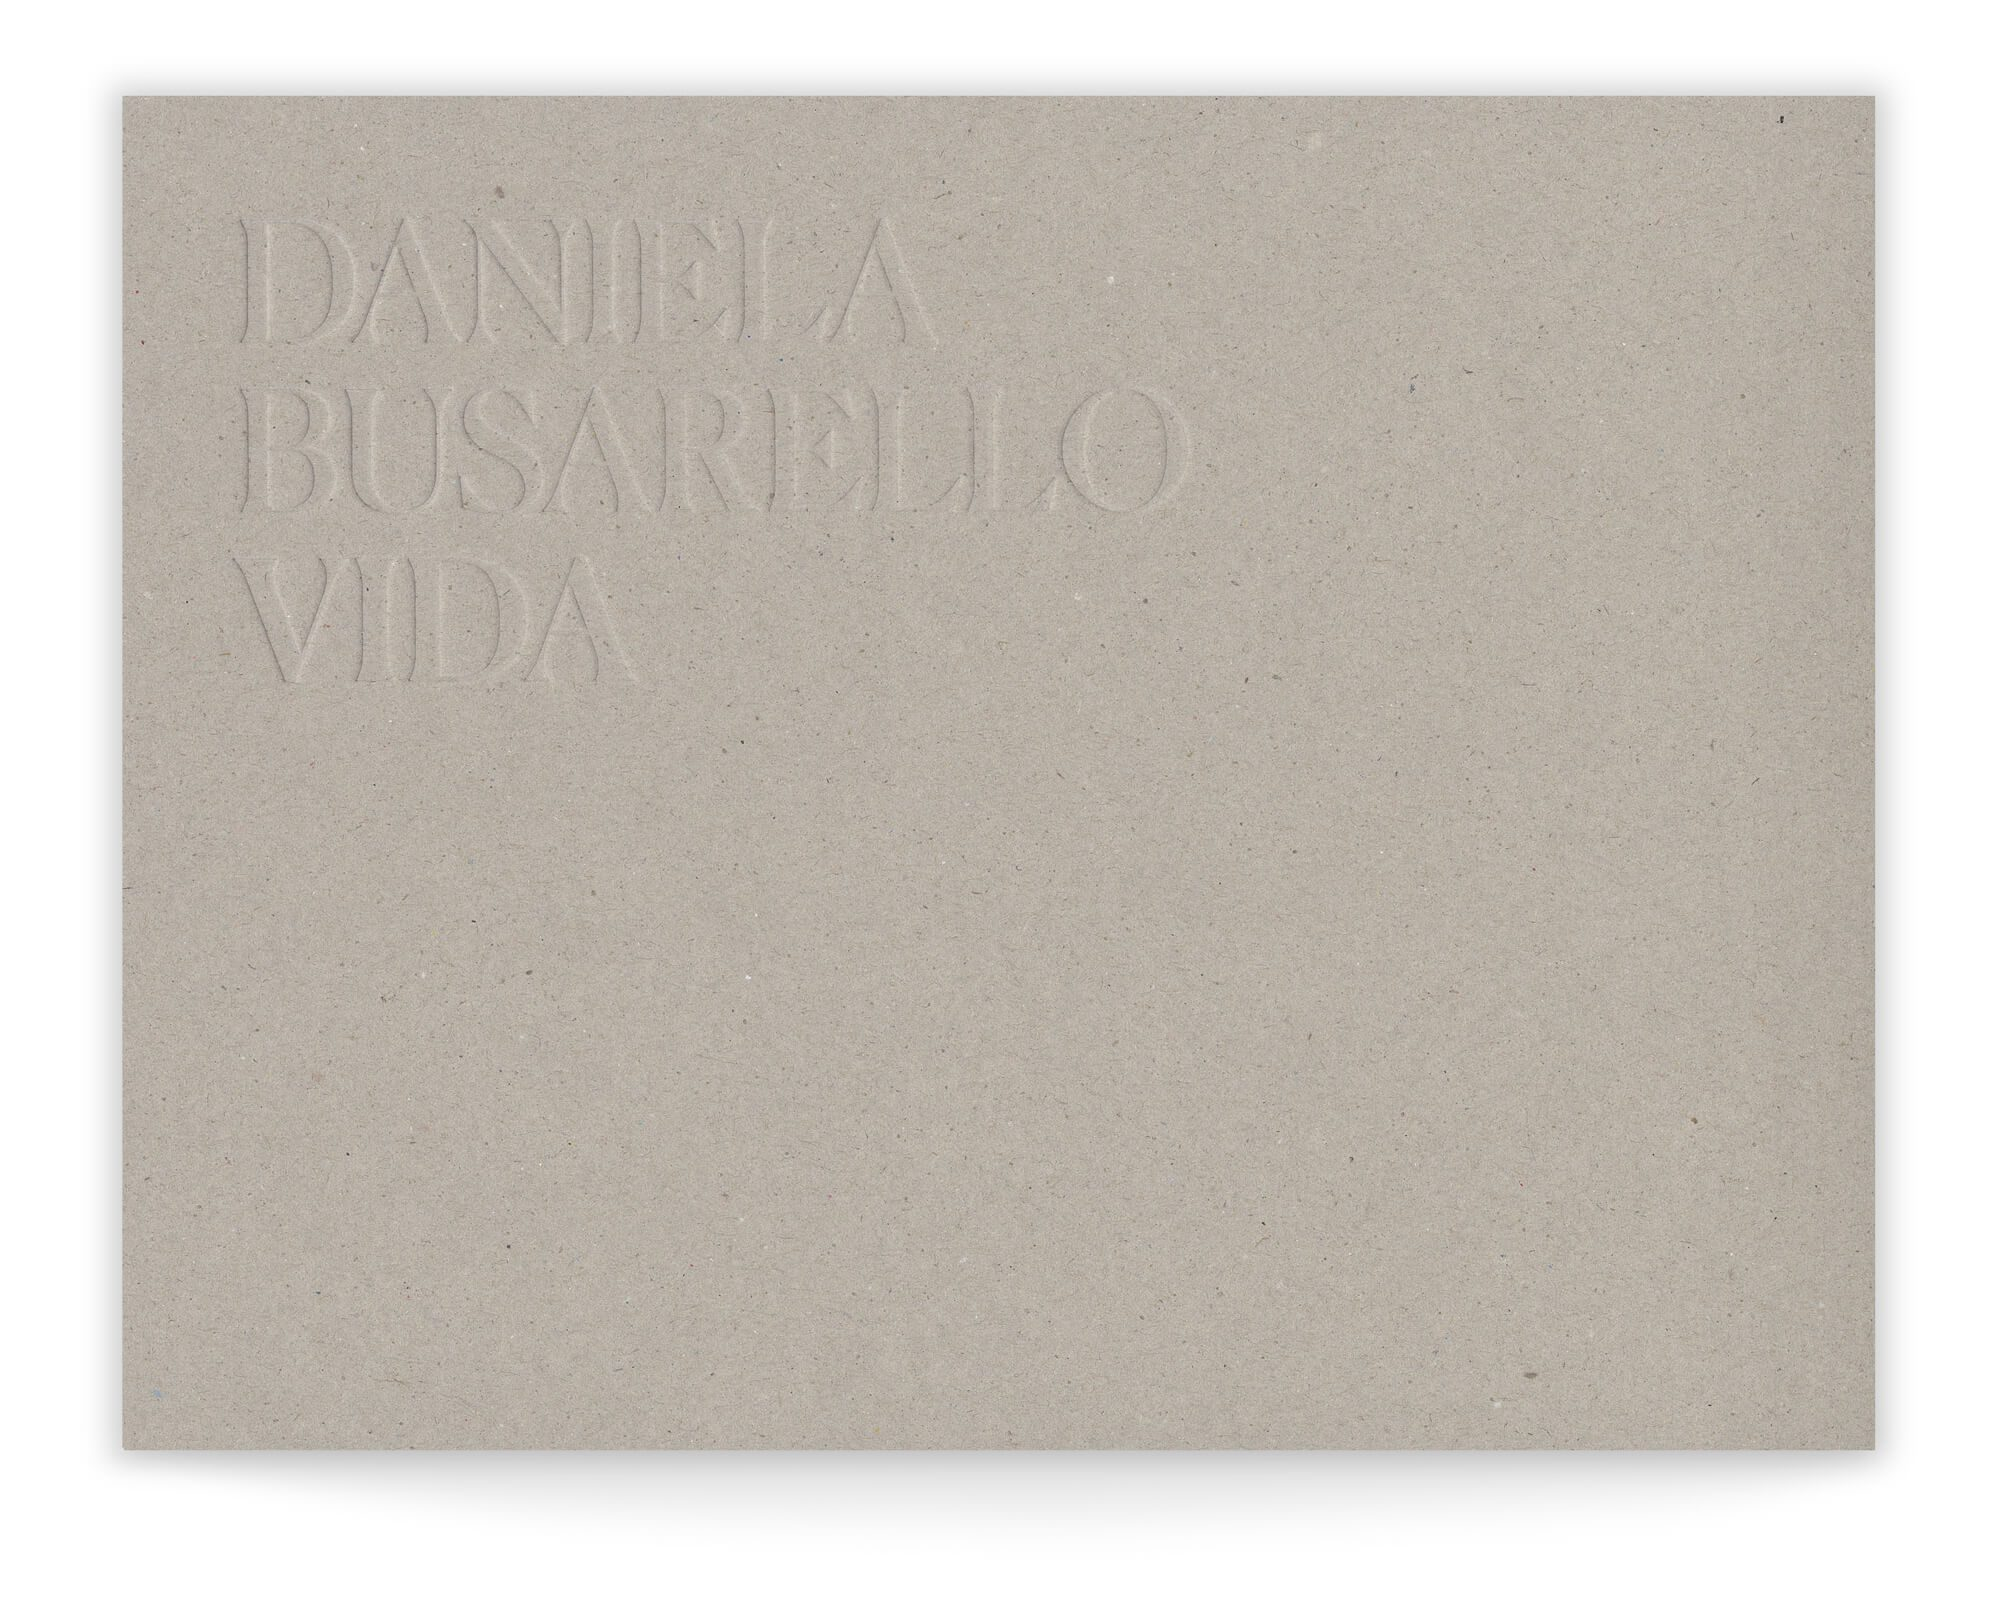 Gaufrage sur carton pour la couverture du Livre en reliure layflat de Daniela Busarello, conception graphique IchetKar